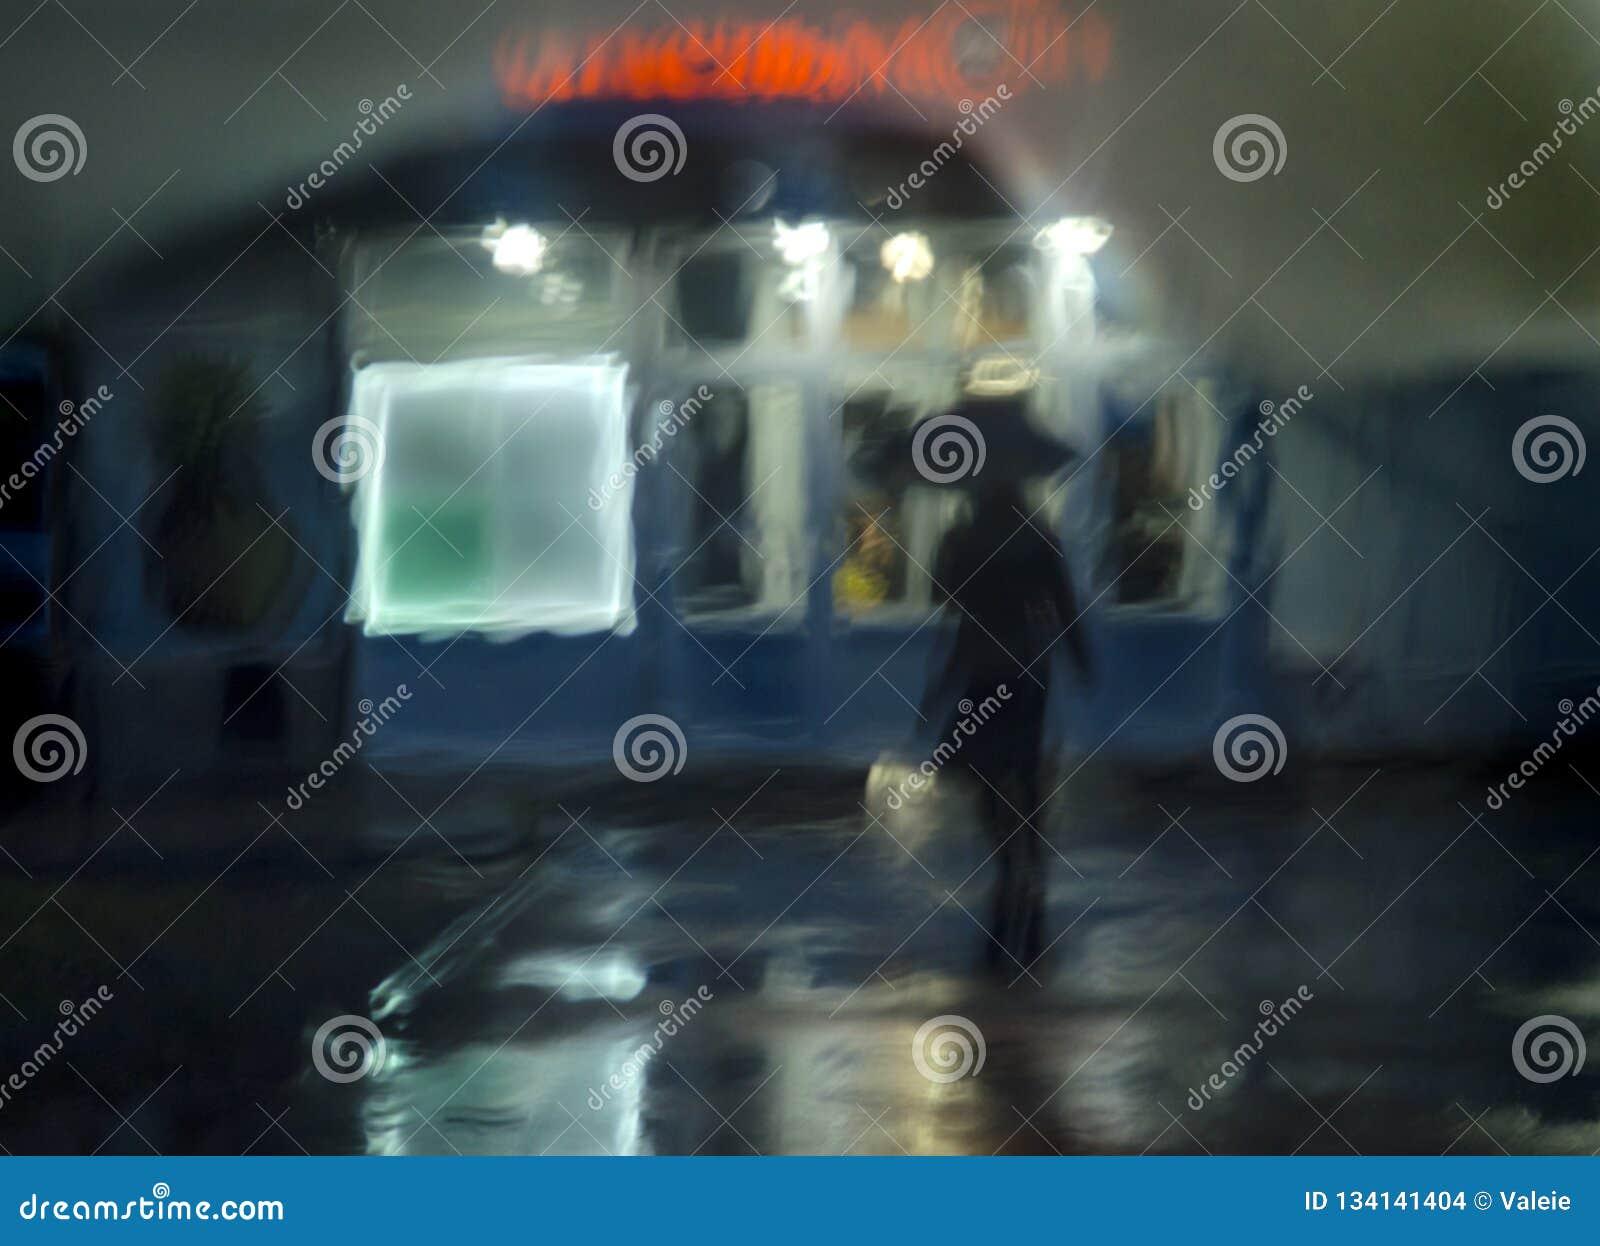 Fondo astratto, via di notte, pioggia, siluetta